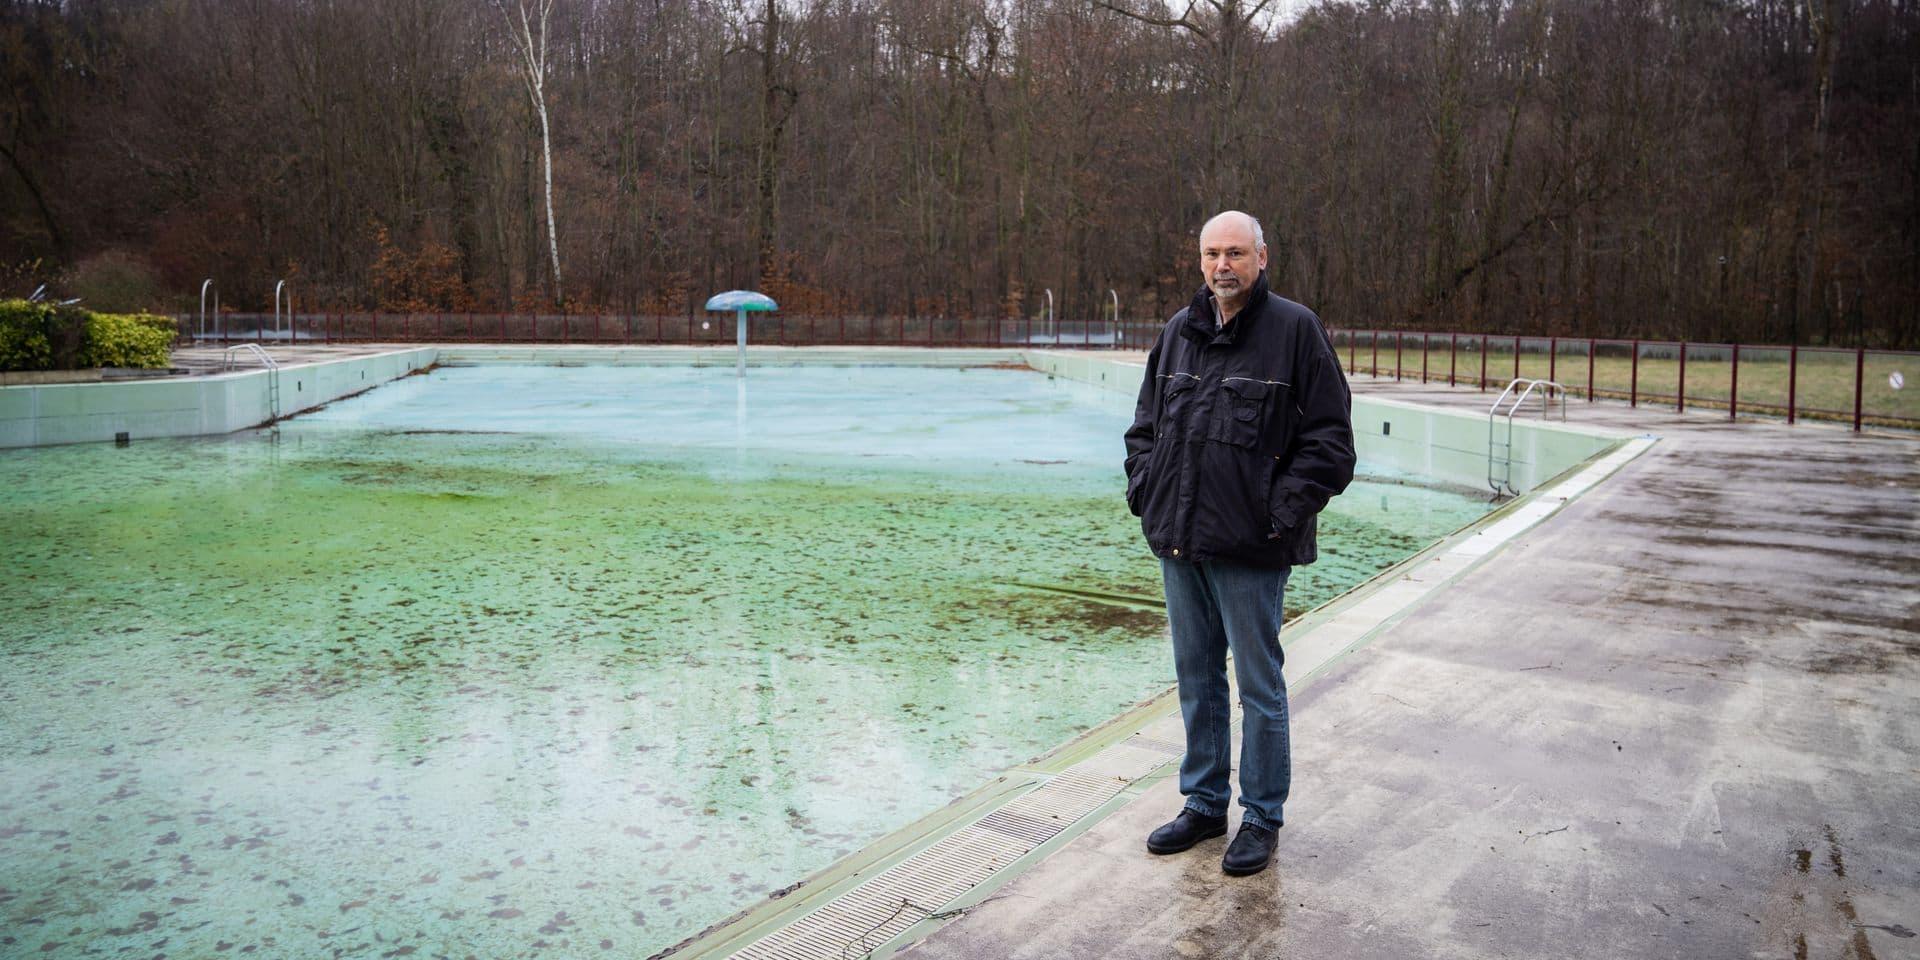 Il n'y aura plus de piscine au Bois des Rêves à Ottignies mais la Province promet des investissements